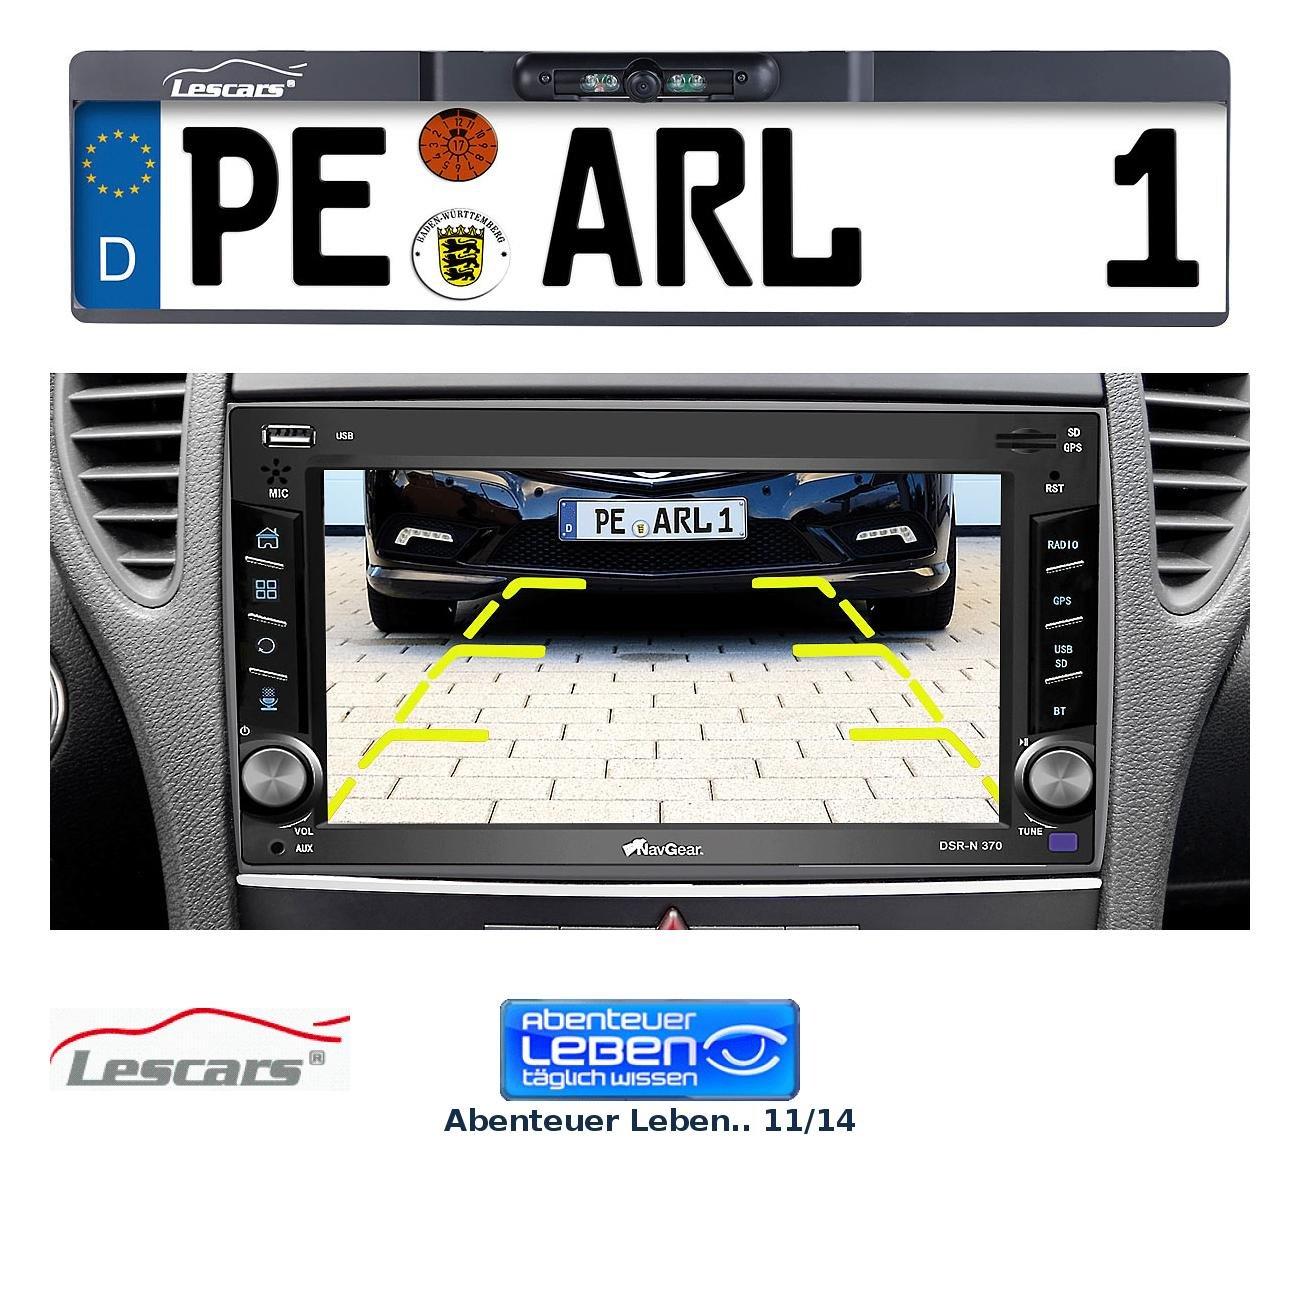 Lescars-Rckfahrkamera-Funk-Rckfahr-Kamera-im-Nummernschild-Halter-fr-Autoradio-Anschluss-Rckfahrkamera-Funk